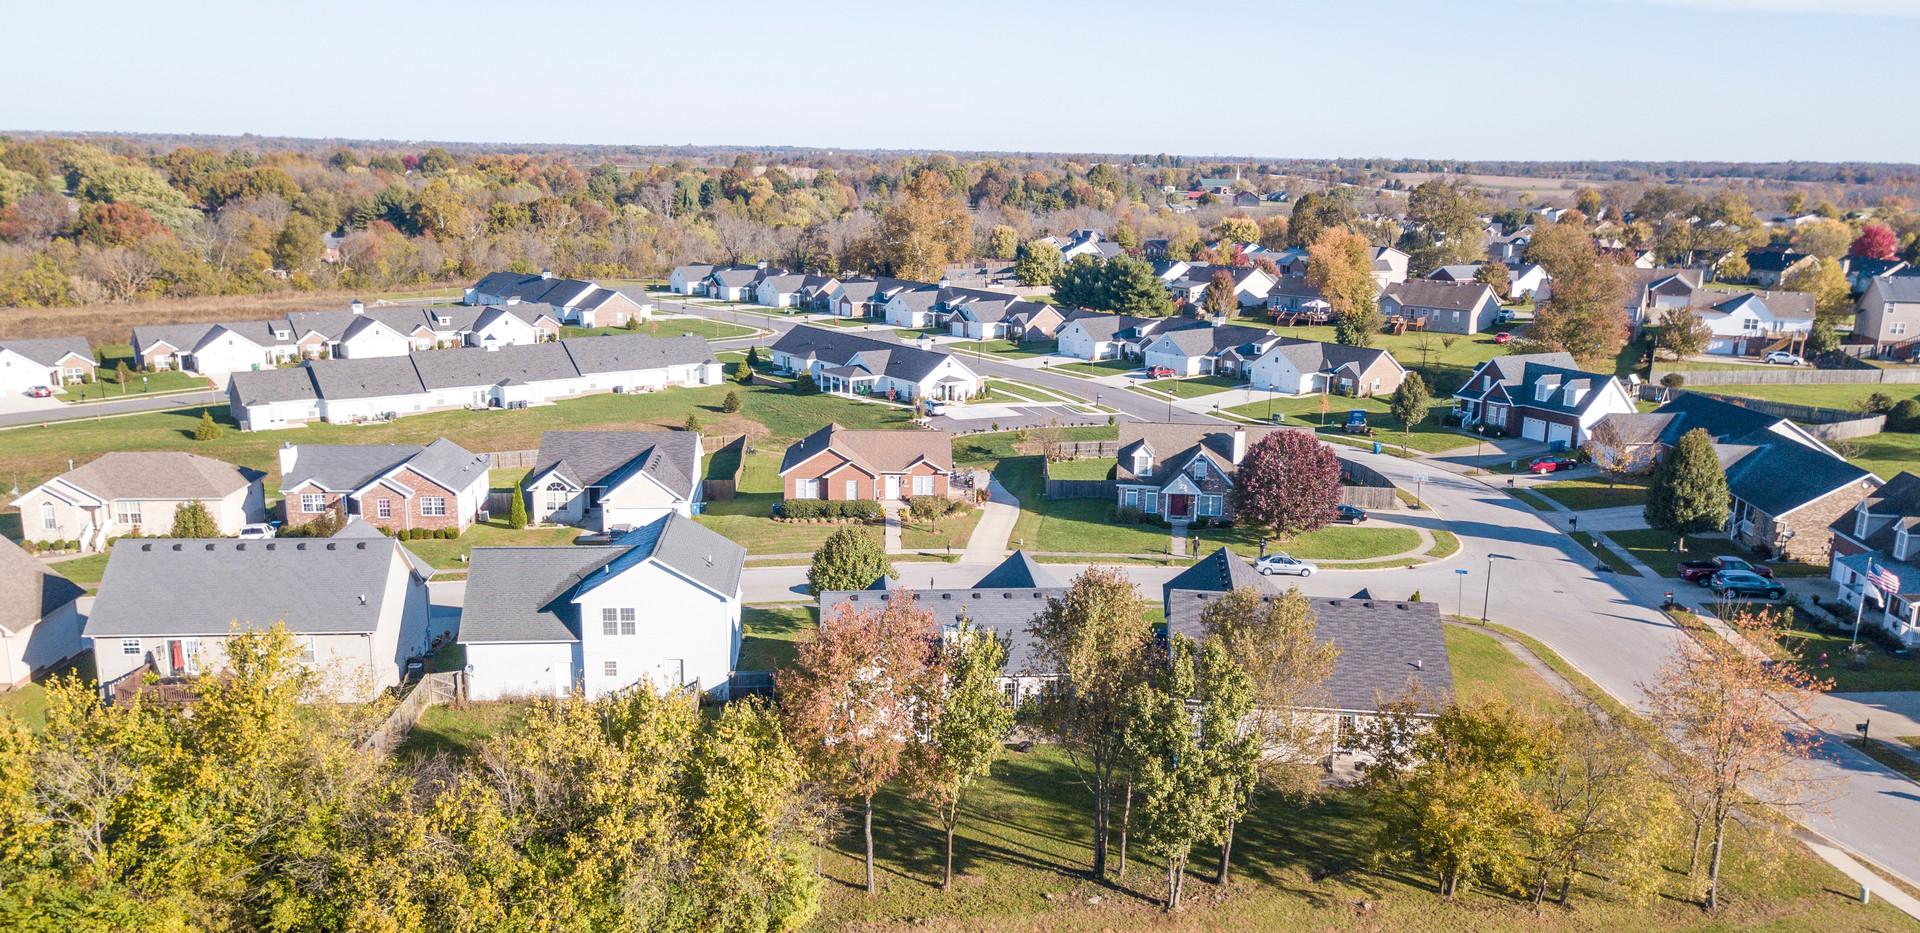 Residential Neighborhood Aerial